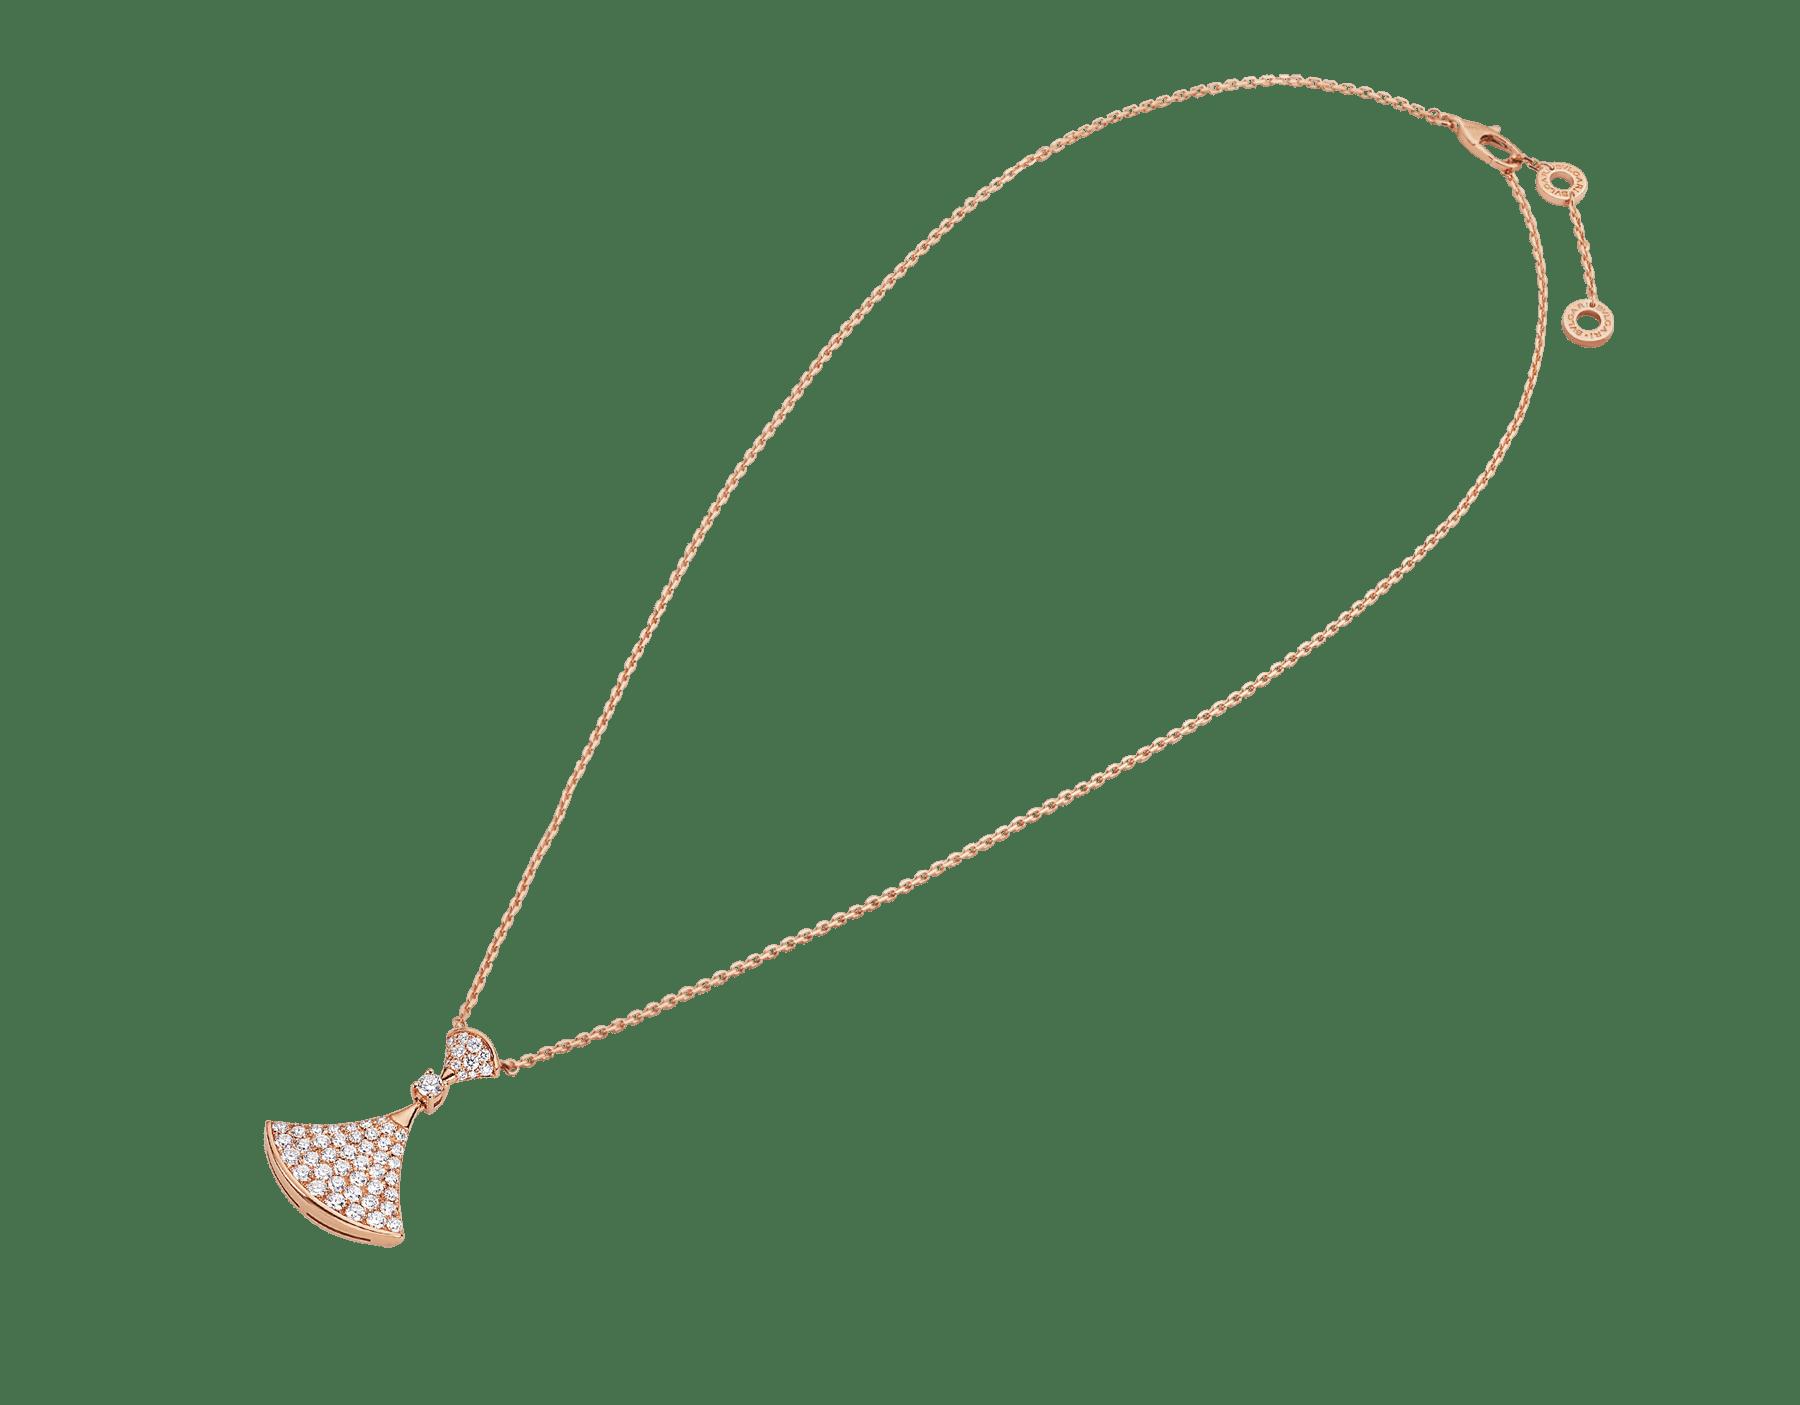 DIVAS' DREAM 18K 玫瑰金墜鍊,鑲飾 1 顆圓形明亮型切割鑽石(0.10 克拉)和密鑲鑽石(0.83 克拉)。 358121 image 2